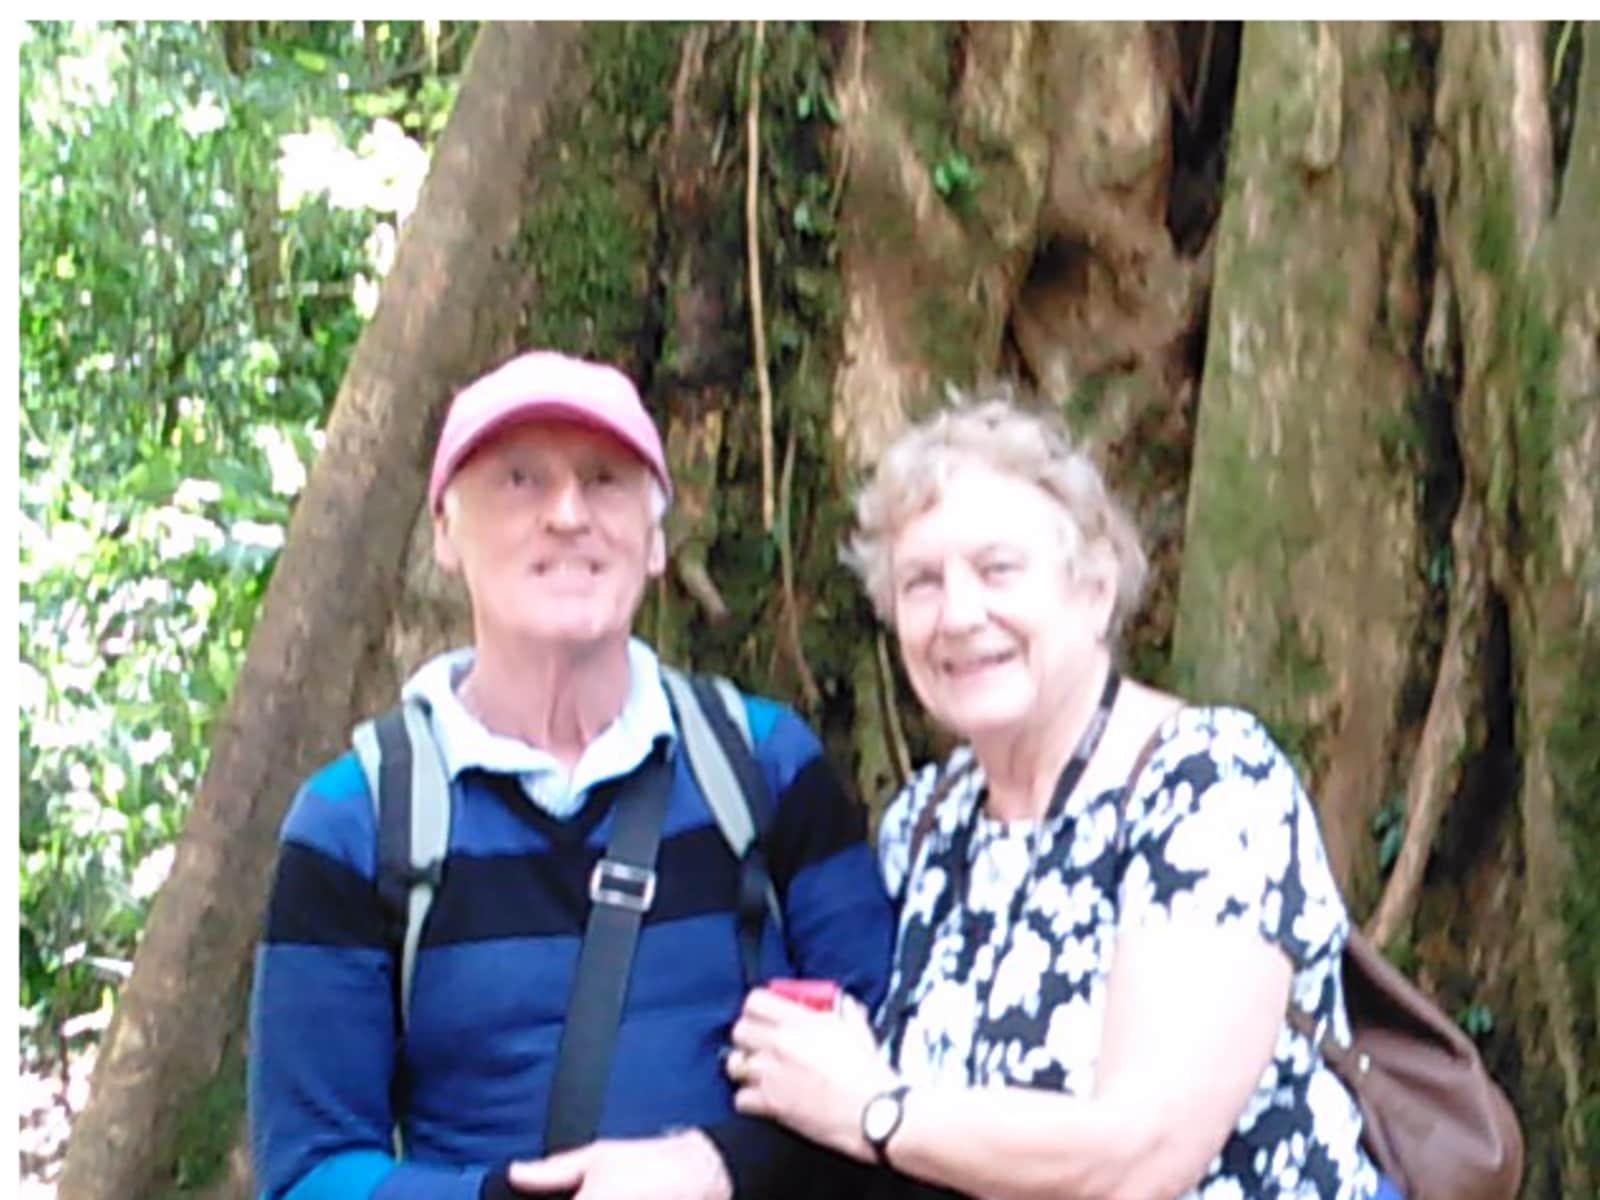 Paula & Paula from Toronto, Ontario, Canada